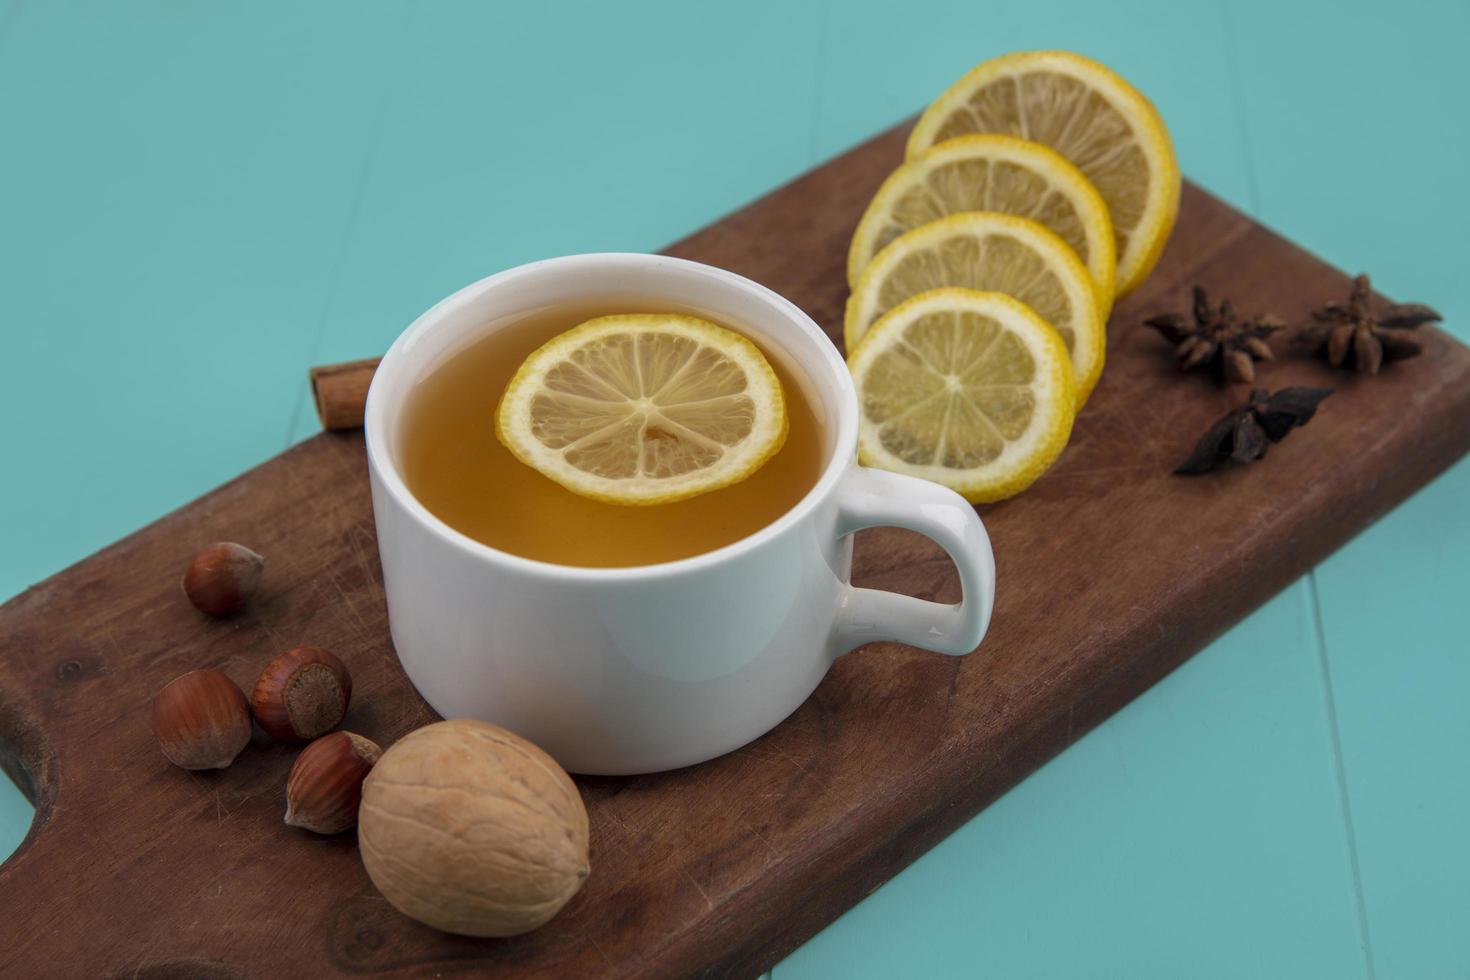 kopp te med citronskivor och nötter på blå bakgrund foto